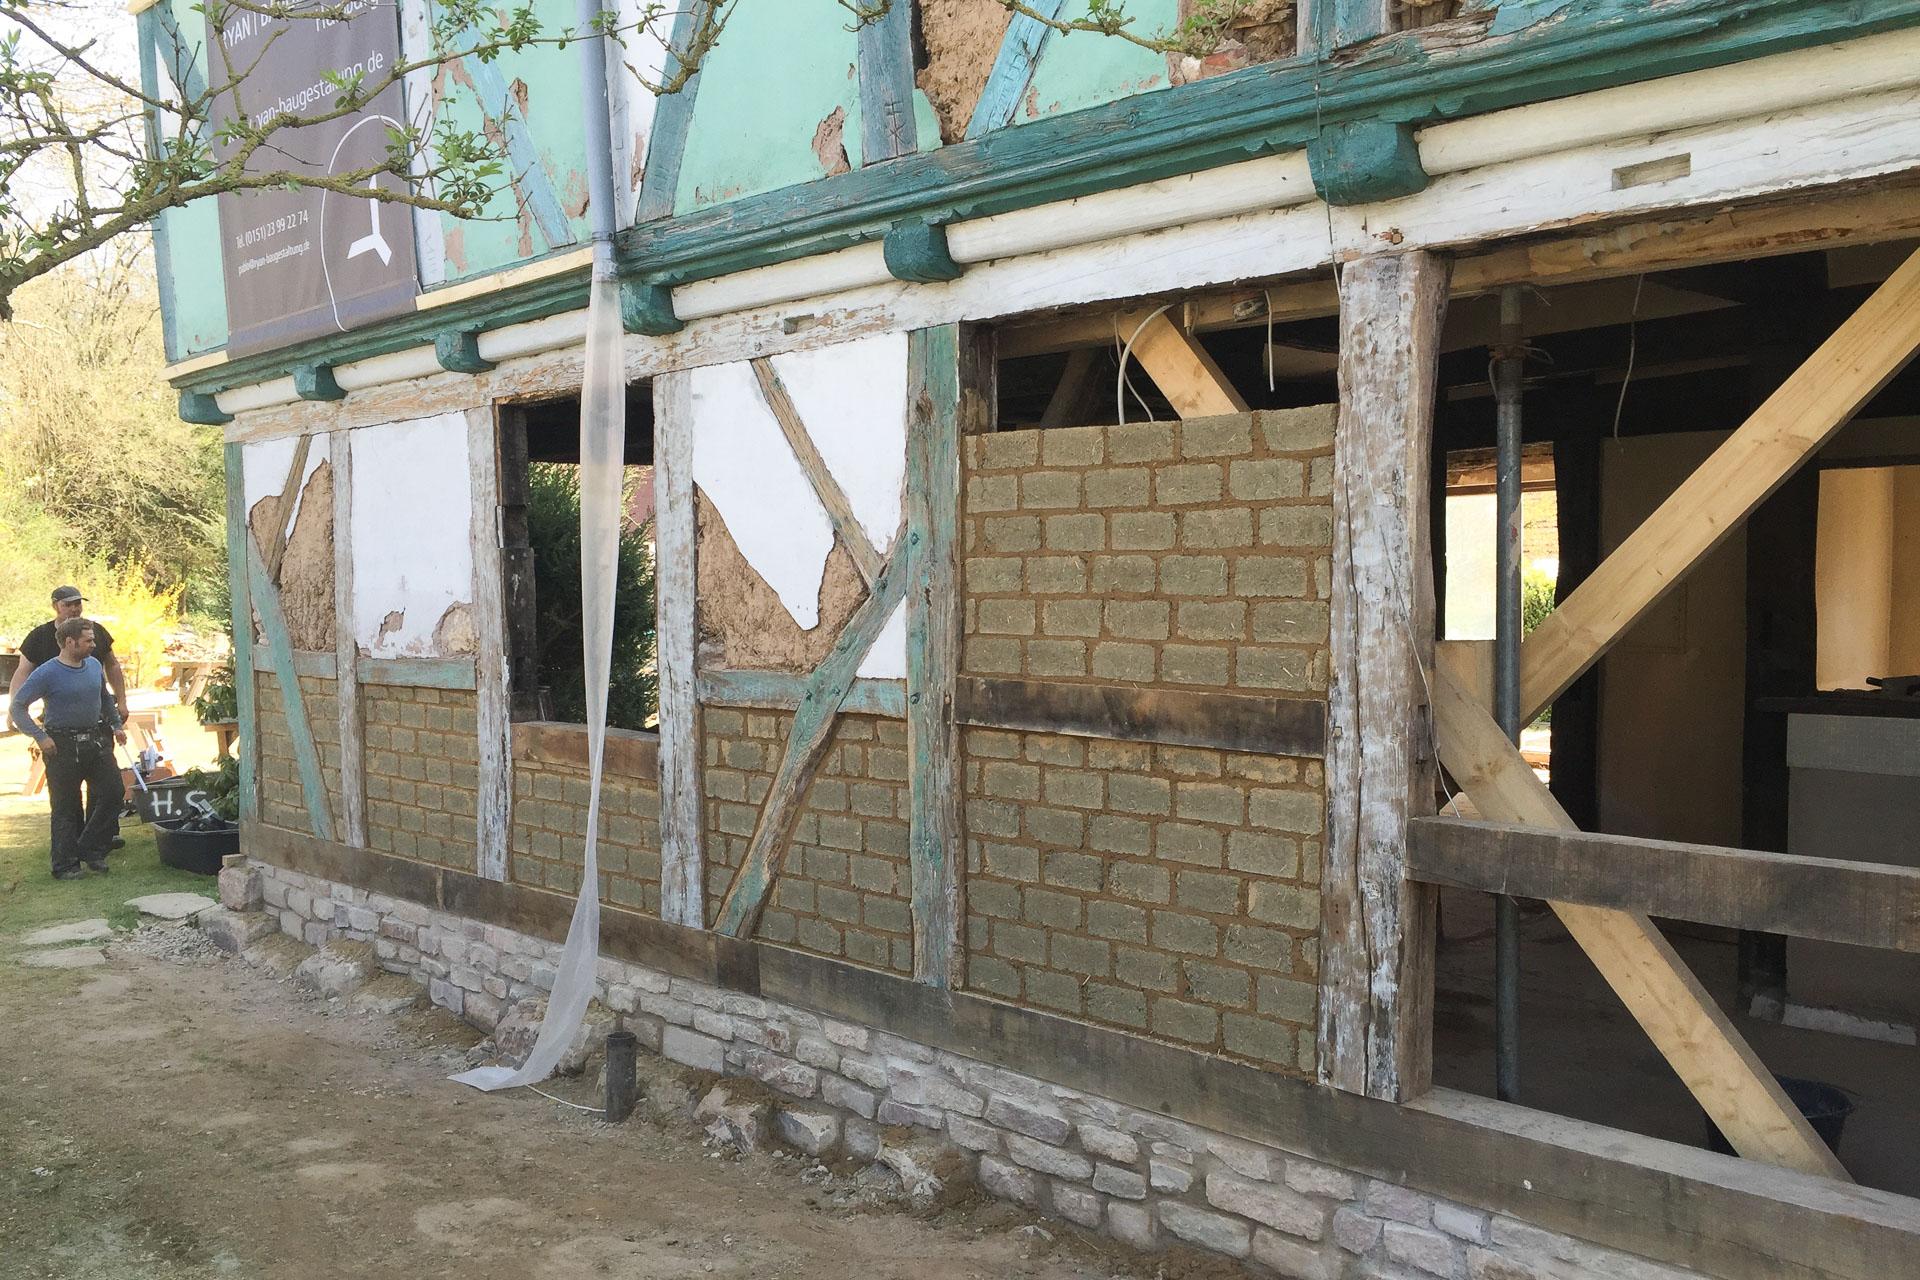 Foto Baustelle Ryan Baugestaltung Fachwerkhaus Goettingen mit Balken und Kalksteinen